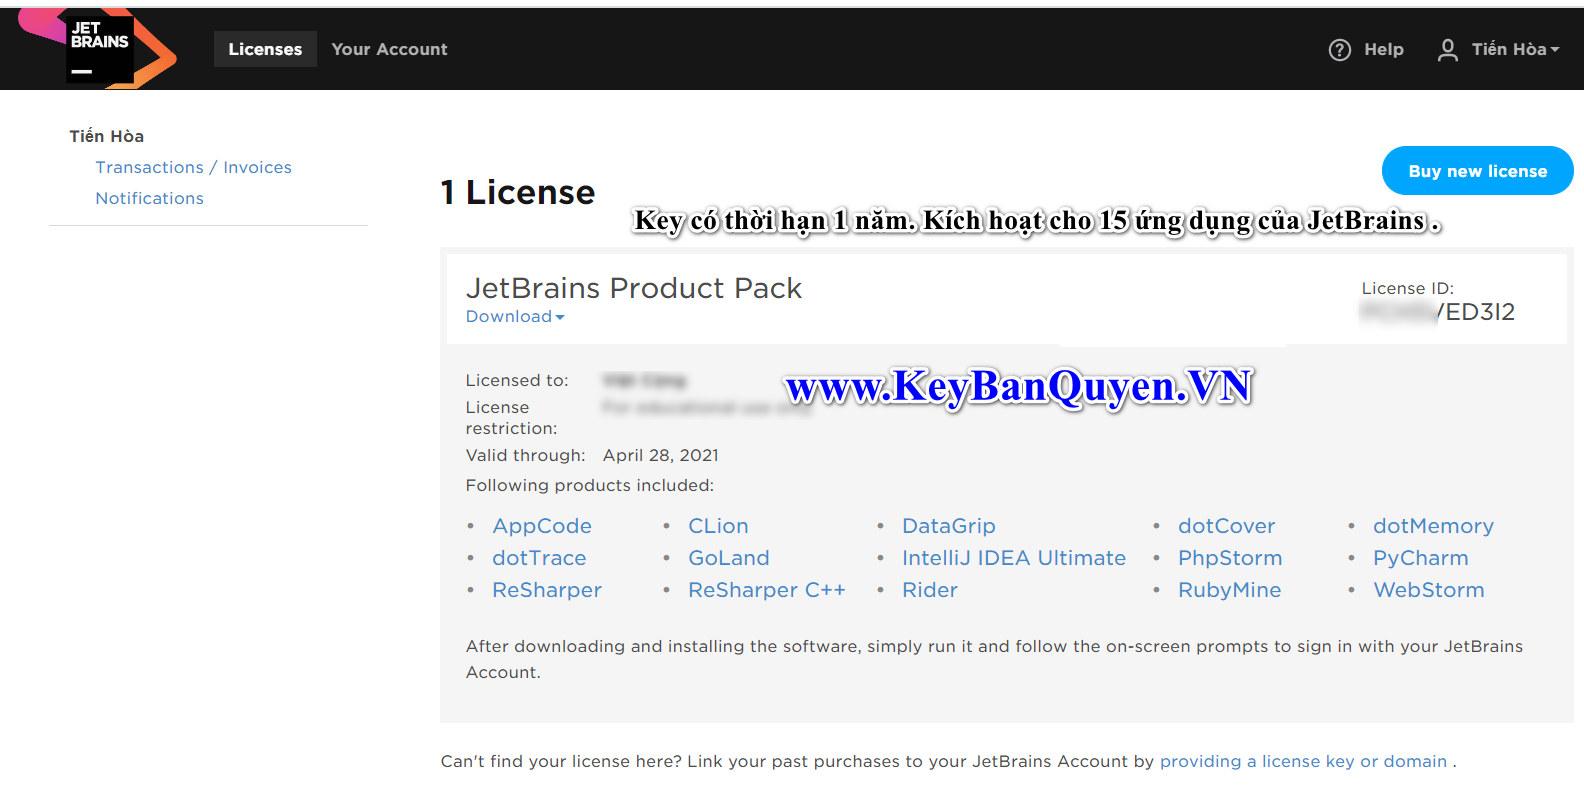 Key bản quyền tài khoản Jetbrains giá rẻ